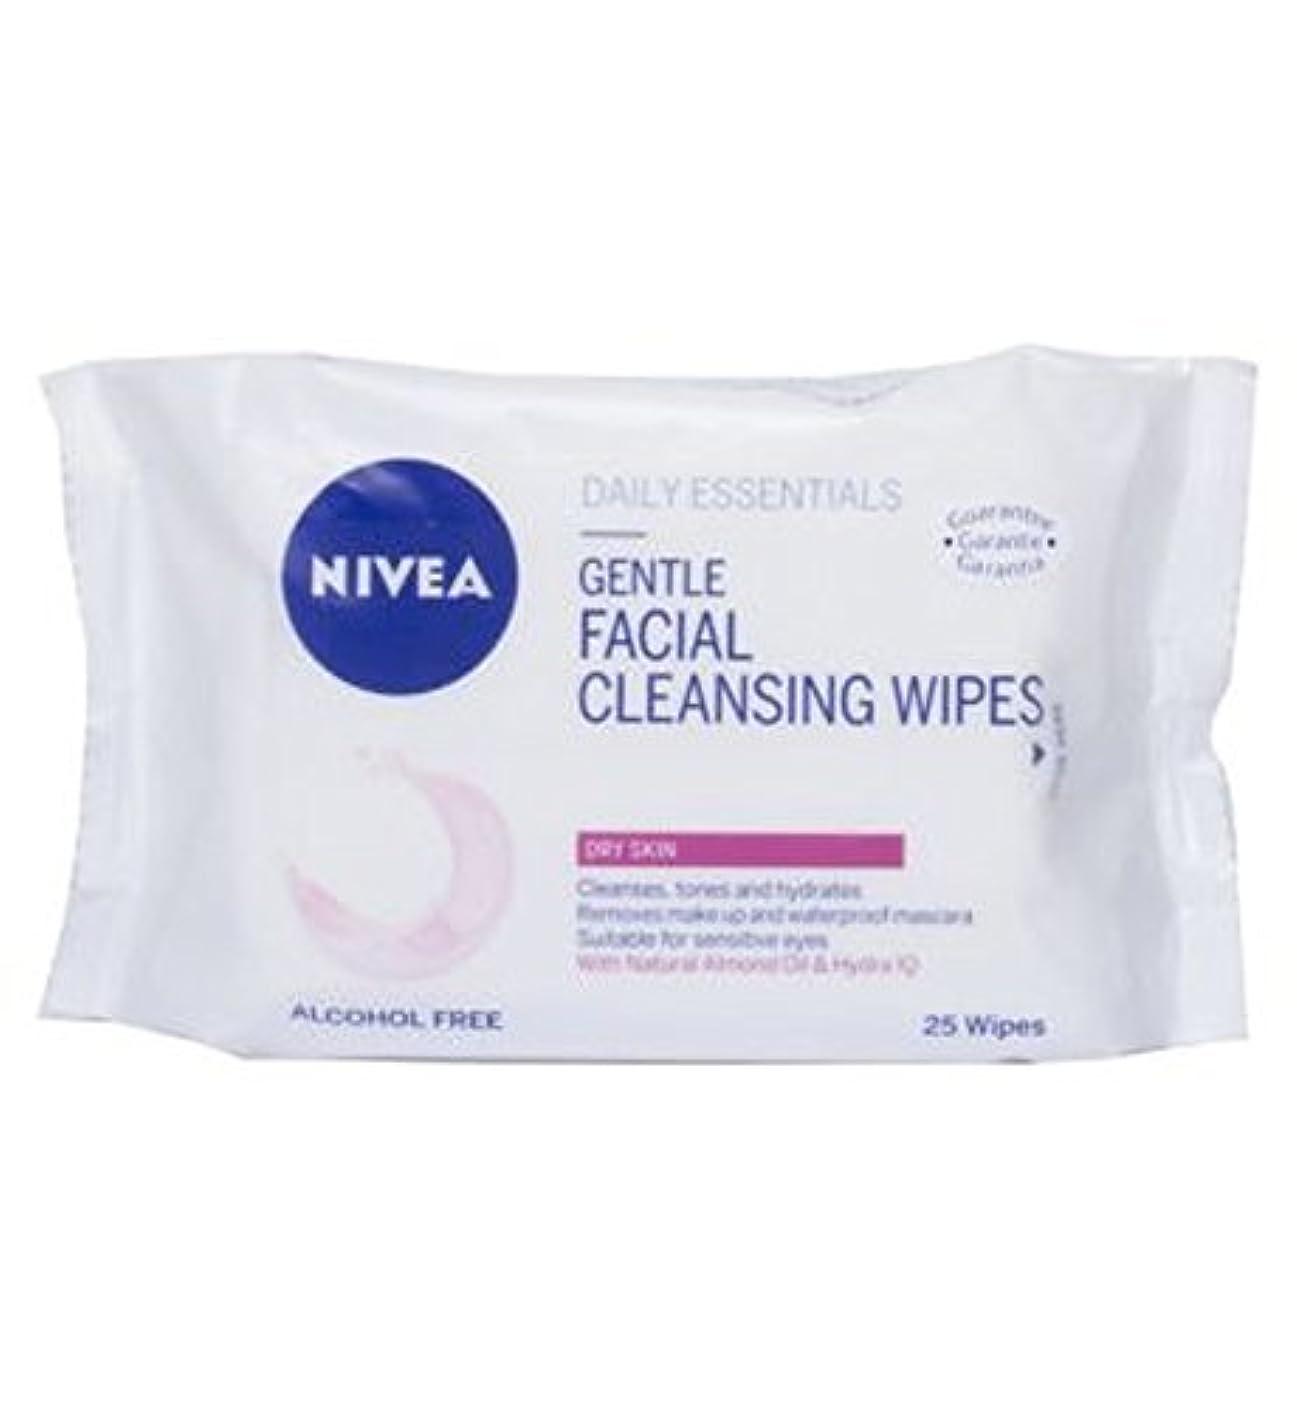 良さ付属品クッションニベア生活必需品優しい洗顔は乾燥肌の25S用のワイプ (Nivea) (x2) - Nivea Daily Essentials Gentle Facial Cleansing Wipes For Dry Skin 25s...